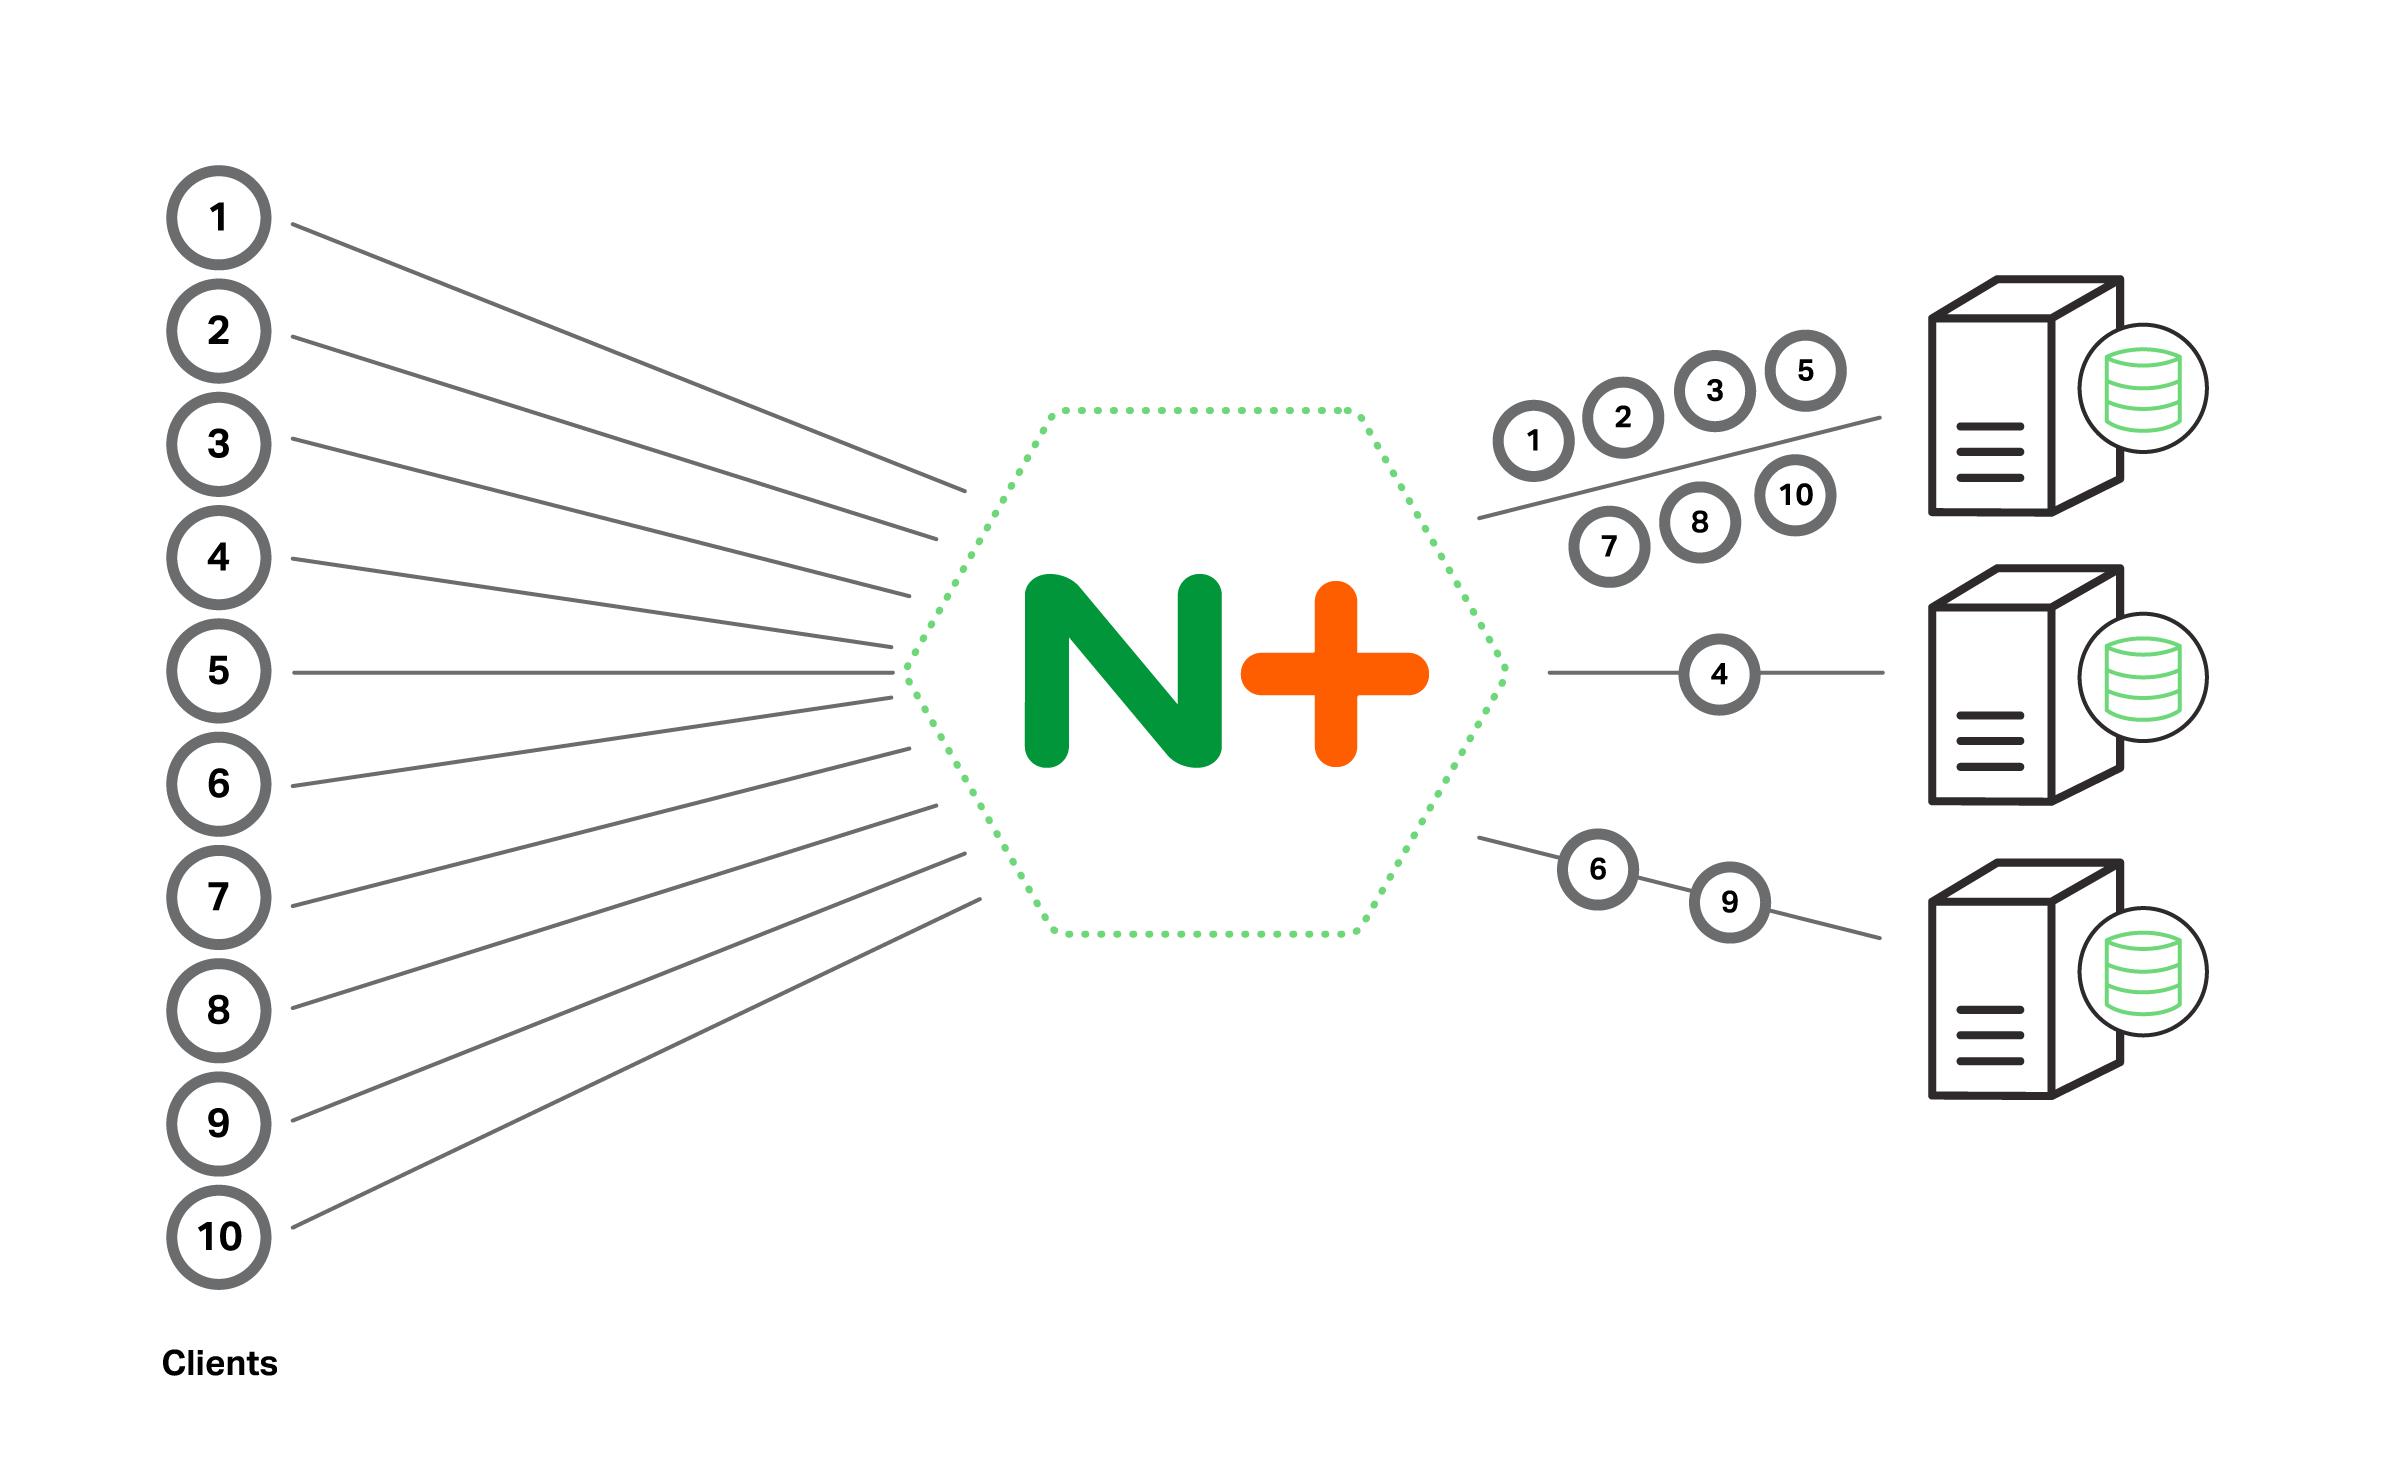 Как настроить Nginx для балансировки нагрузки   ИТ Блог